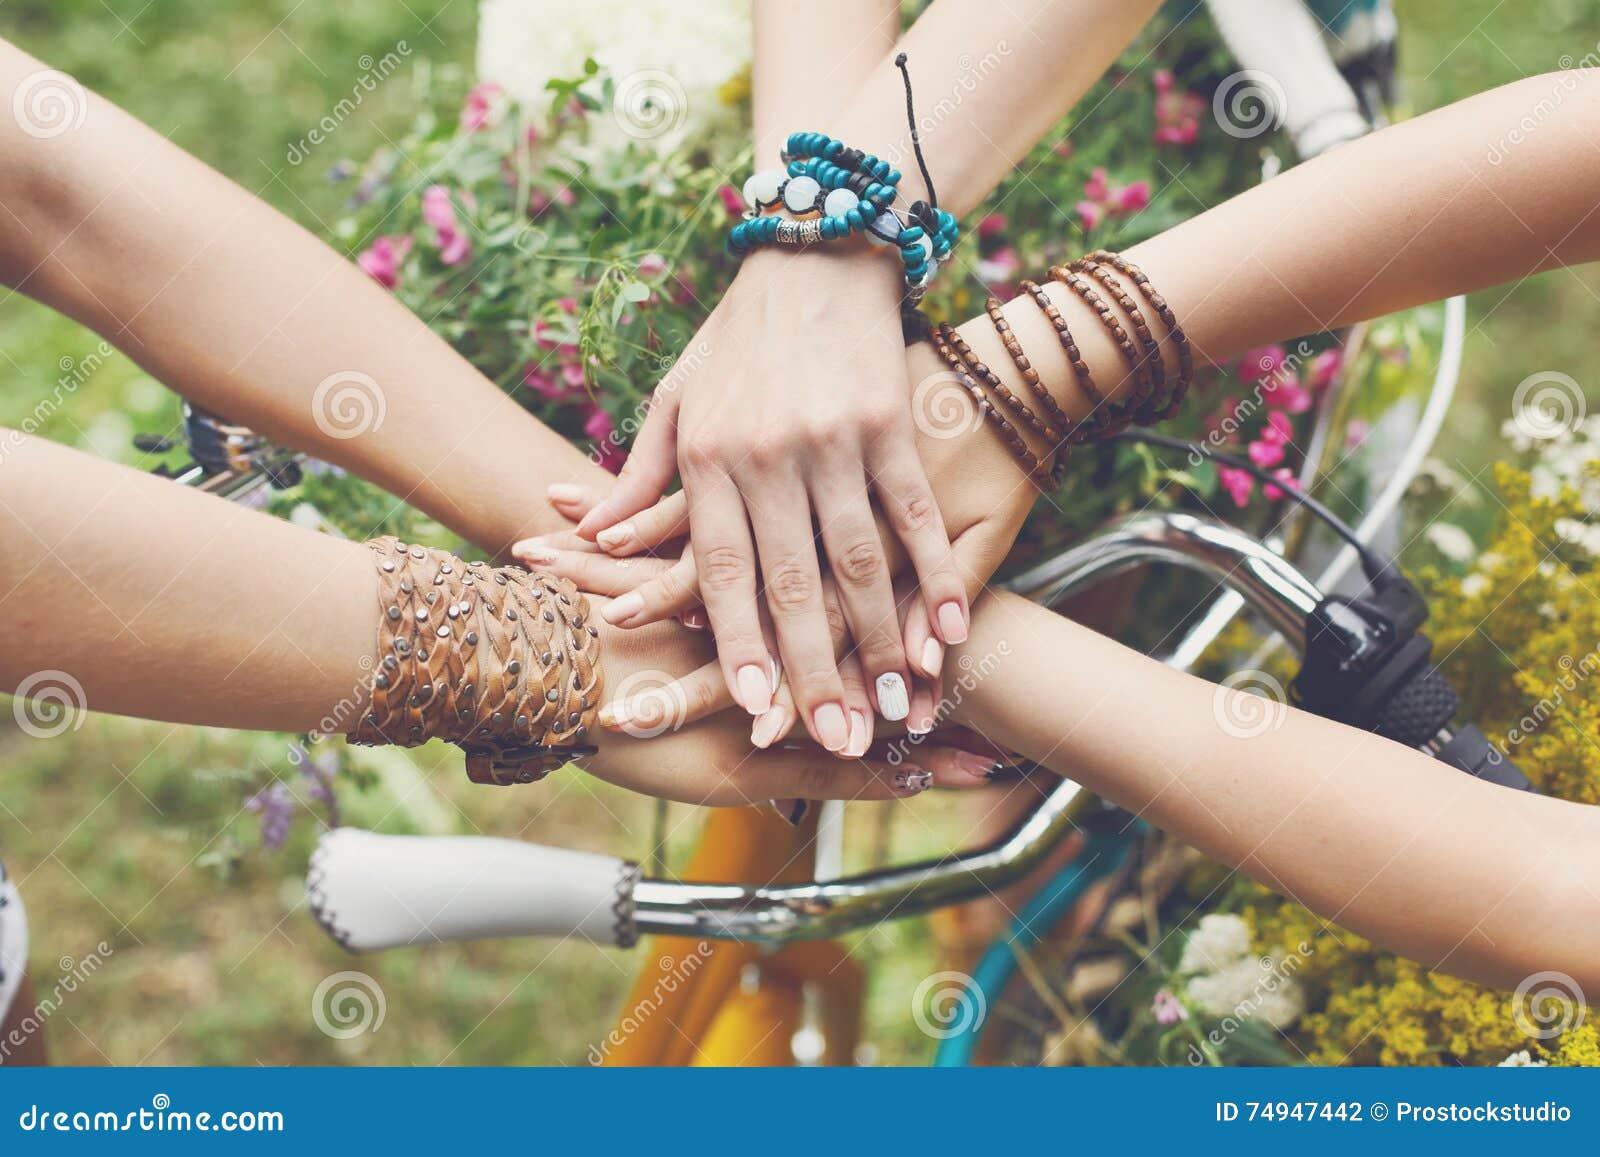 Zlane ręki dziewczyny zbliżenie, młode dziewczyny w boho bransoletkach